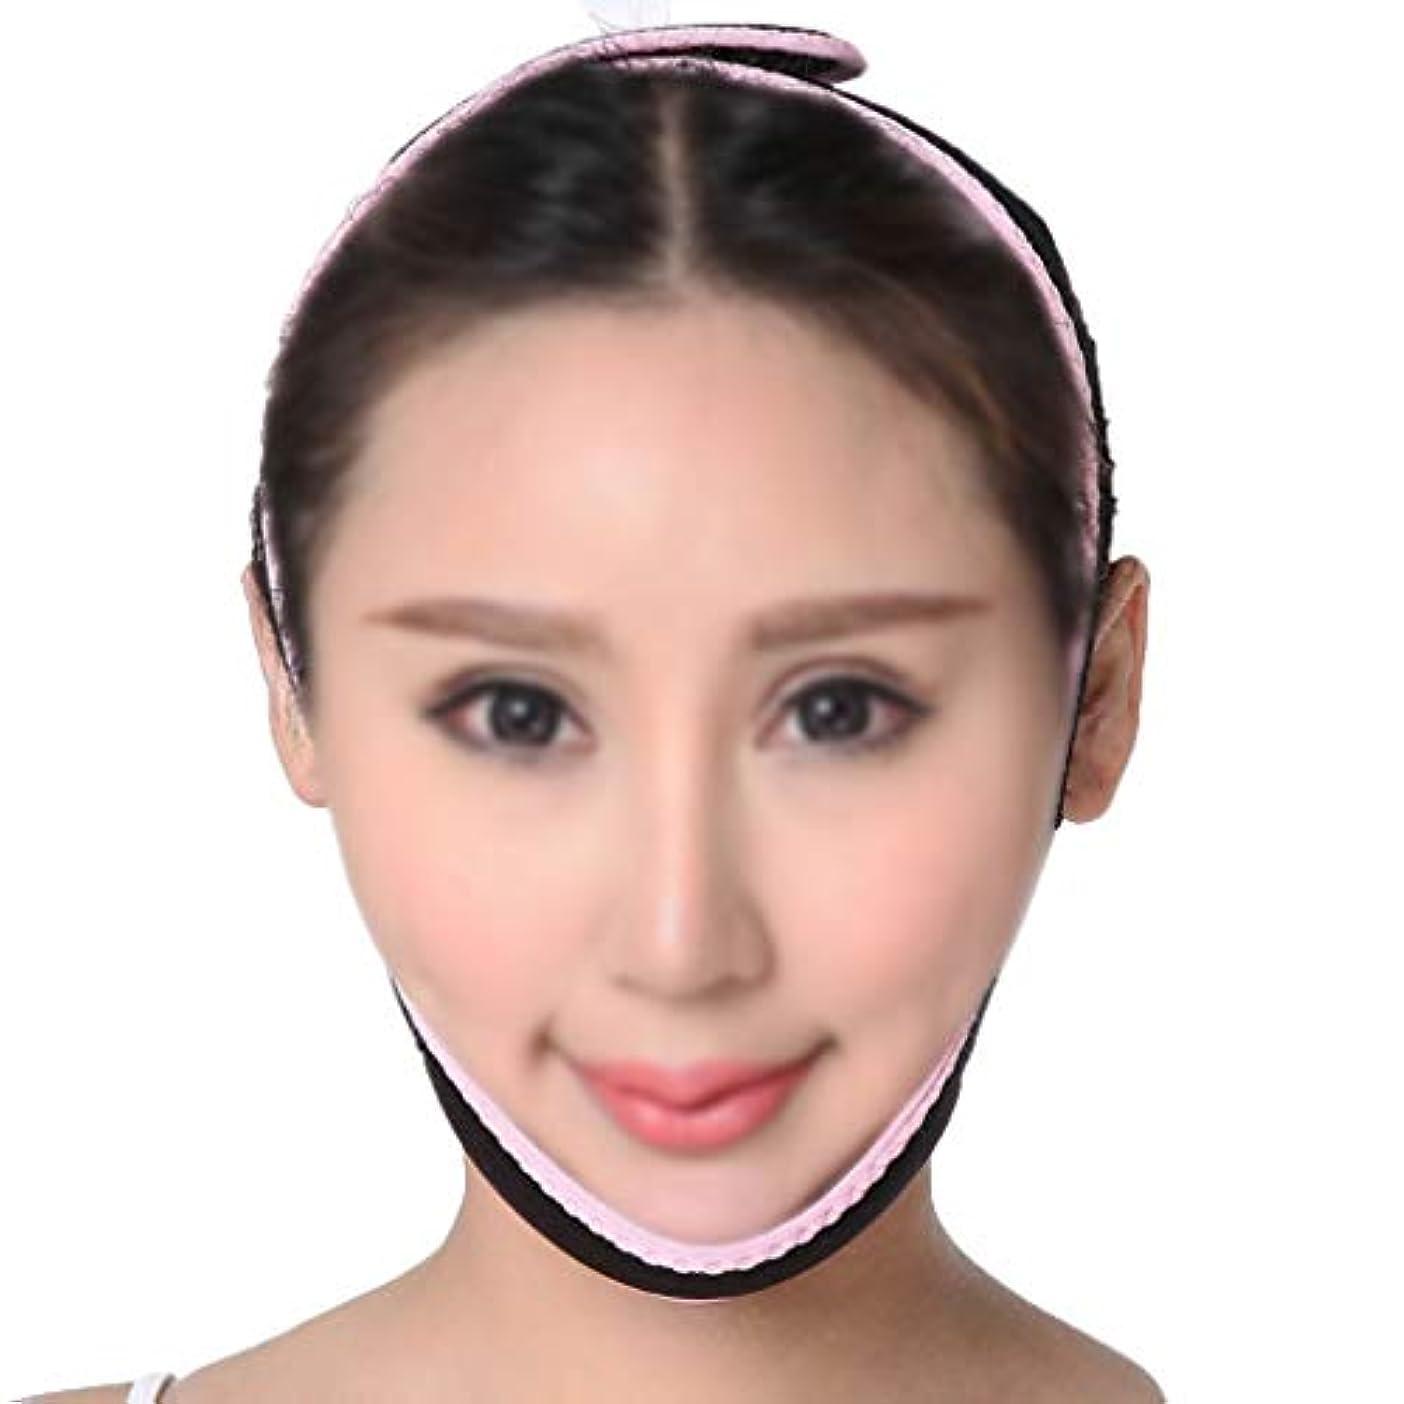 スキャンダルほんの床GLJJQMY 引き締めマスク薄い顔面マスクフェイスリフティング器具V顔薄い顔面包帯薄い顔マッサージ器薄い顔面マスクフェイスリフティング装置 顔用整形マスク